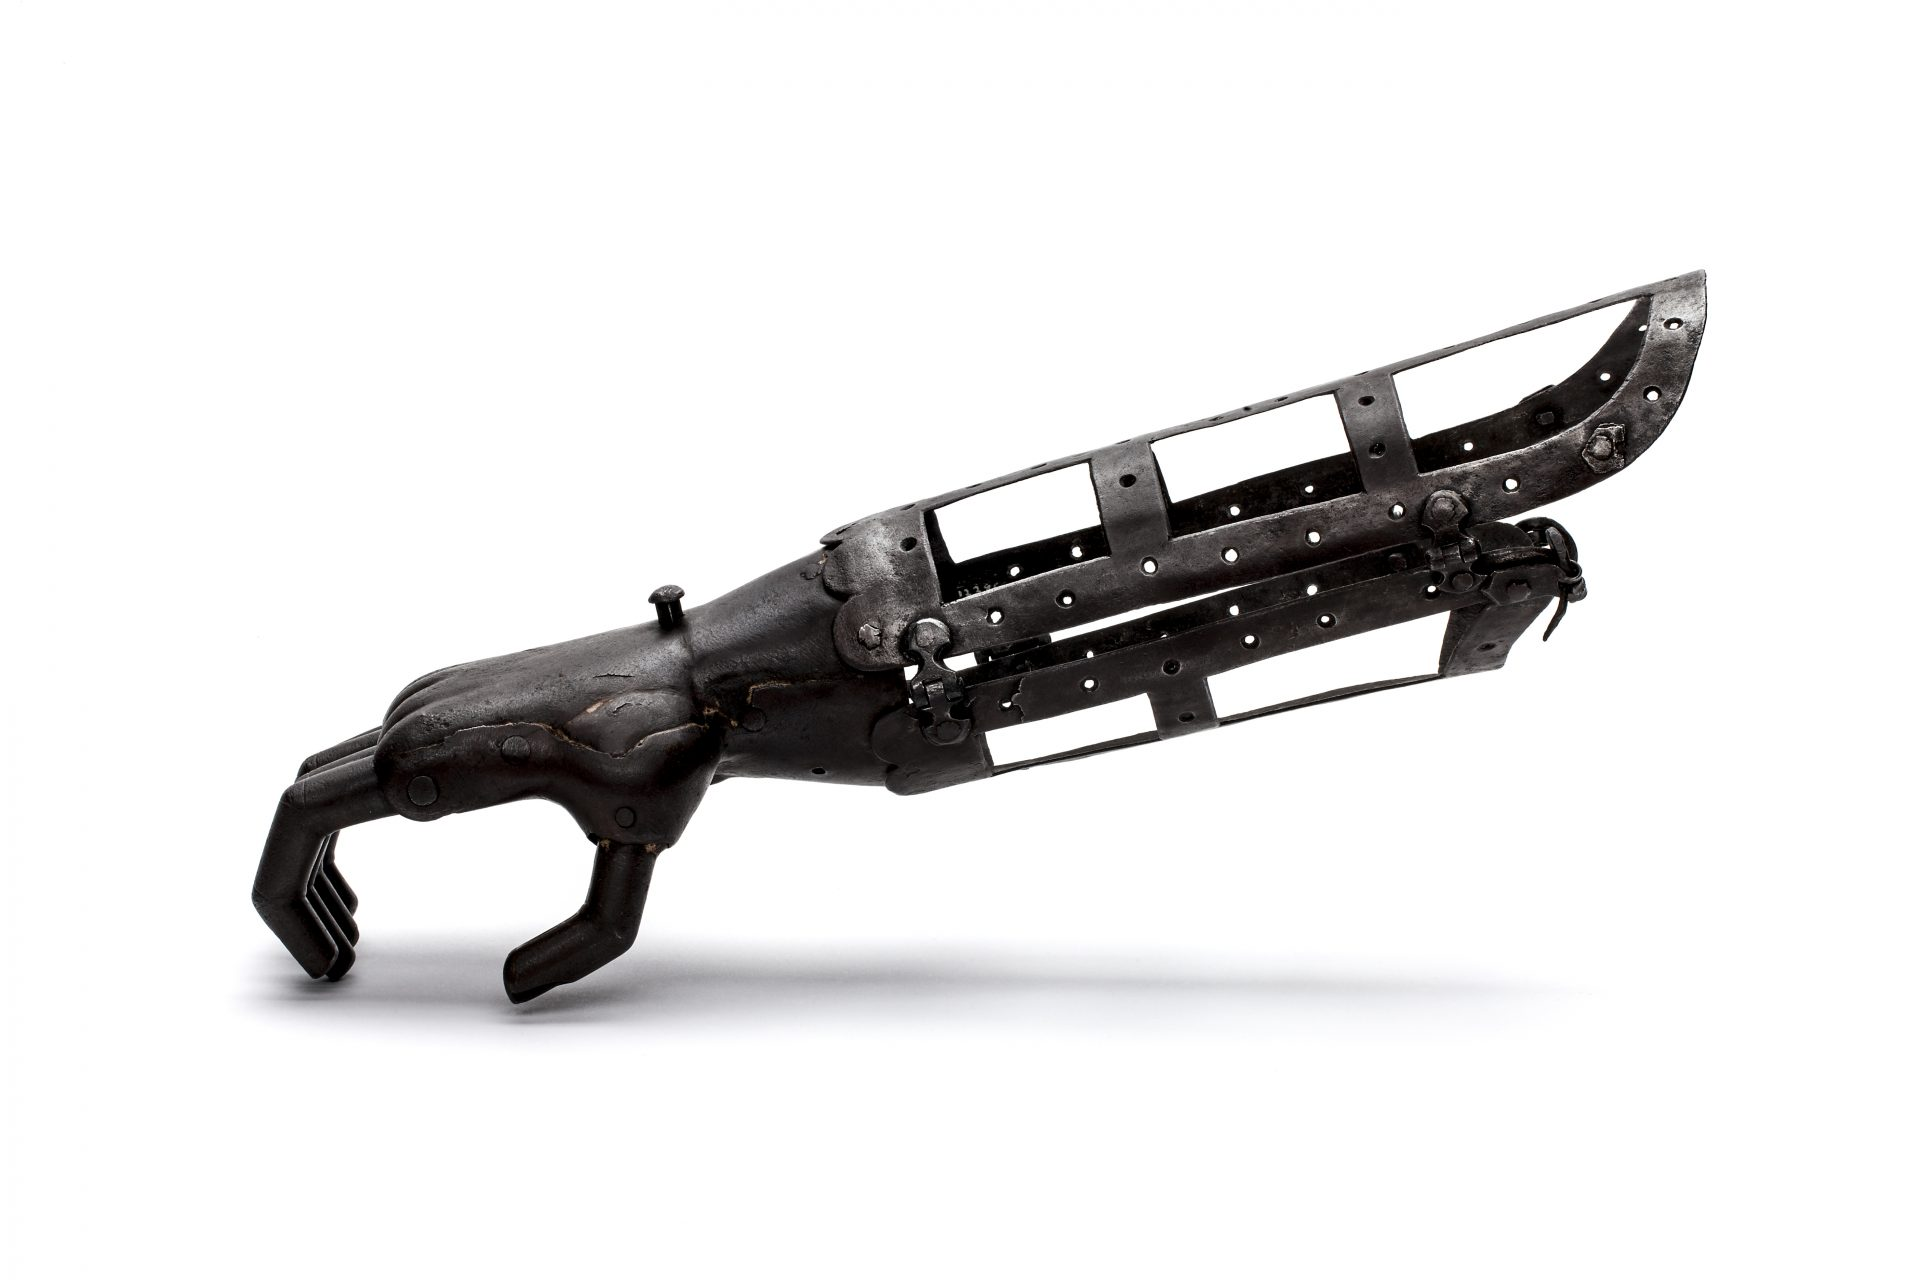 Järnprotesen, sedd från sidan med handen i ett klogrepp.